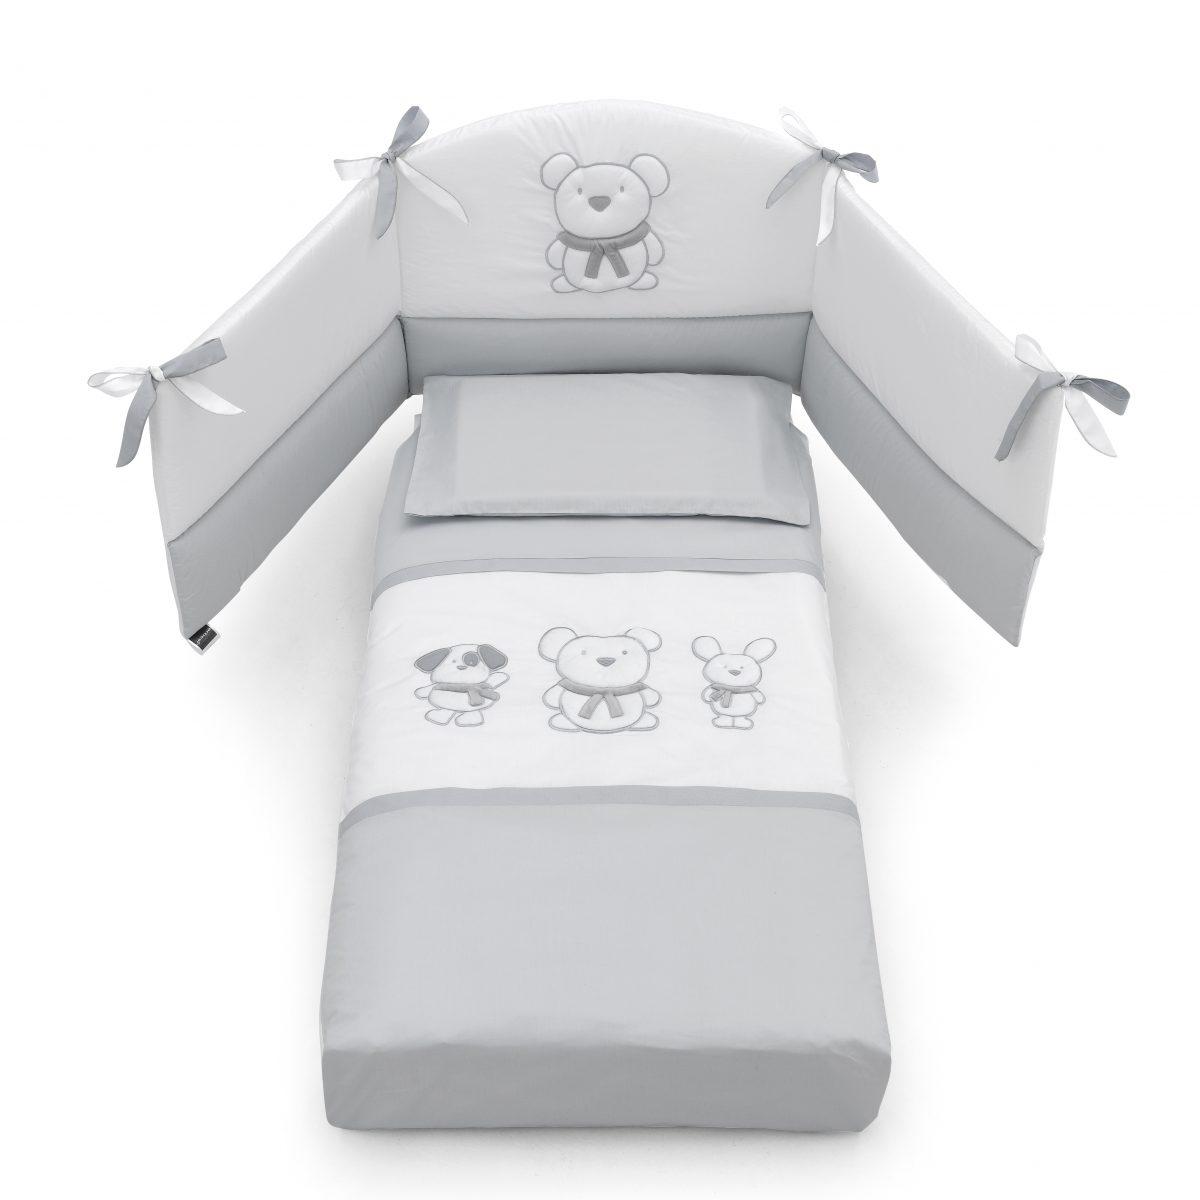 luxusní dětský nábytek - textilie s medvídky Pongo